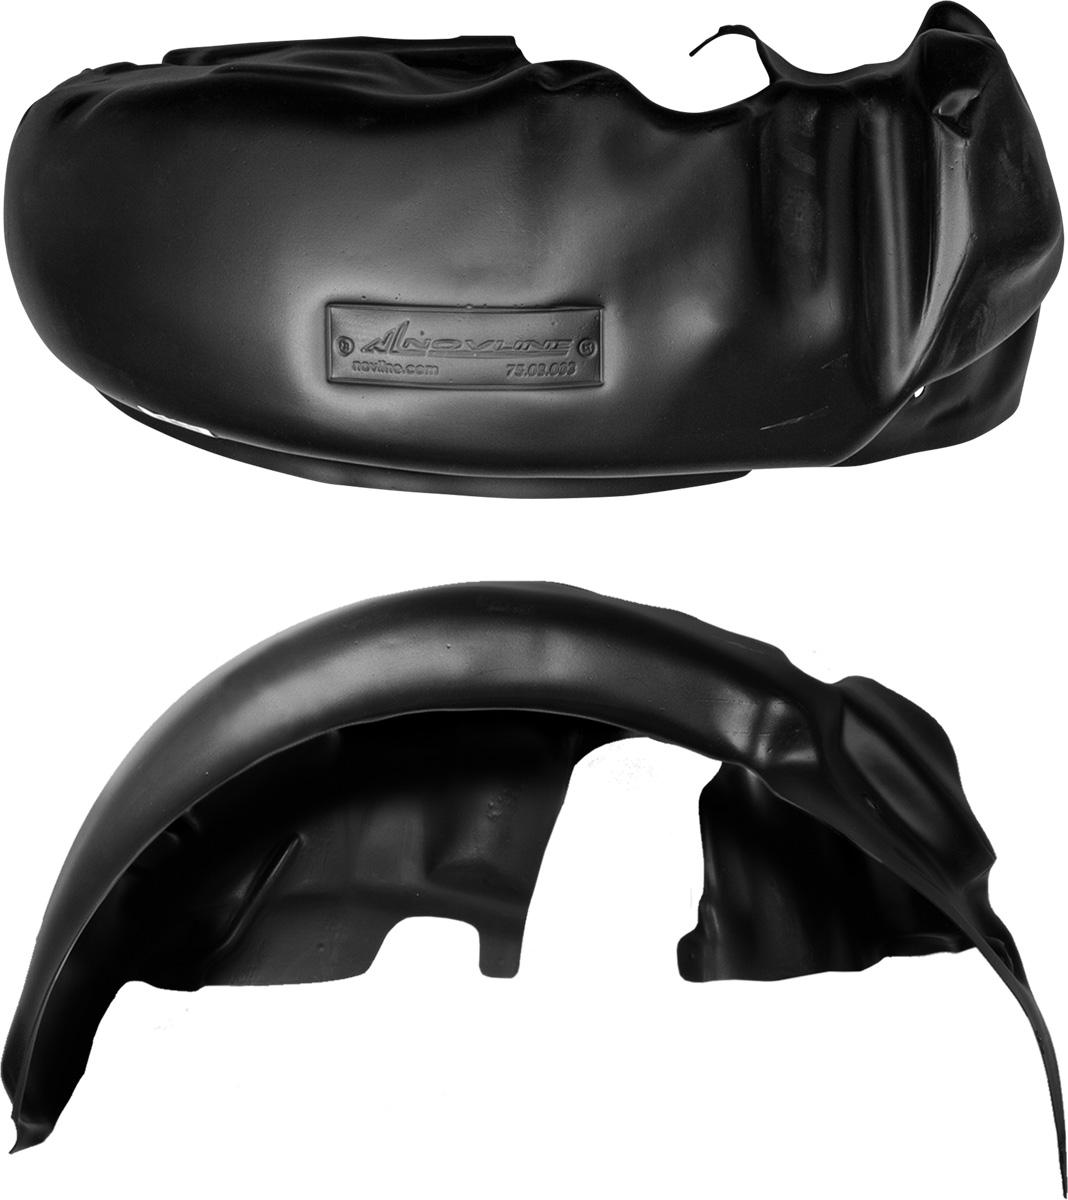 Подкрылок Novline-Autofamily, для HYUNDAI Solaris, 2010-2014, седан, хэтчбек, передний левый1004900000360Колесные ниши - одни из самых уязвимых зон днища вашего автомобиля. Они постоянно подвергаются воздействию со стороны дороги. Лучшая, почти абсолютная защита для них - специально отформованные пластиковые кожухи, которые называются подкрылками. Производятся они как для отечественных моделей автомобилей, так и для иномарок. Подкрылки Novline-Autofamily выполнены из высококачественного, экологически чистого пластика. Обеспечивают надежную защиту кузова автомобиля от пескоструйного эффекта и негативного влияния, агрессивных антигололедных реагентов. Пластик обладает более низкой теплопроводностью, чем металл, поэтому в зимний период эксплуатации использование пластиковых подкрылков позволяет лучше защитить колесные ниши от налипания снега и образования наледи. Оригинальность конструкции подчеркивает элегантность автомобиля, бережно защищает нанесенное на днище кузова антикоррозийное покрытие и позволяет осуществить крепление подкрылков внутри колесной арки практически без дополнительного крепежа и сверления, не нарушая при этом лакокрасочного покрытия, что предотвращает возникновение новых очагов коррозии. Подкрылки долговечны, обладают высокой прочностью и сохраняют заданную форму, а также все свои физико-механические характеристики в самых тяжелых климатических условиях (от -50°С до +50°С).Уважаемые клиенты!Обращаем ваше внимание, на тот факт, что подкрылок имеет форму, соответствующую модели данного автомобиля. Фото служит для визуального восприятия товара.